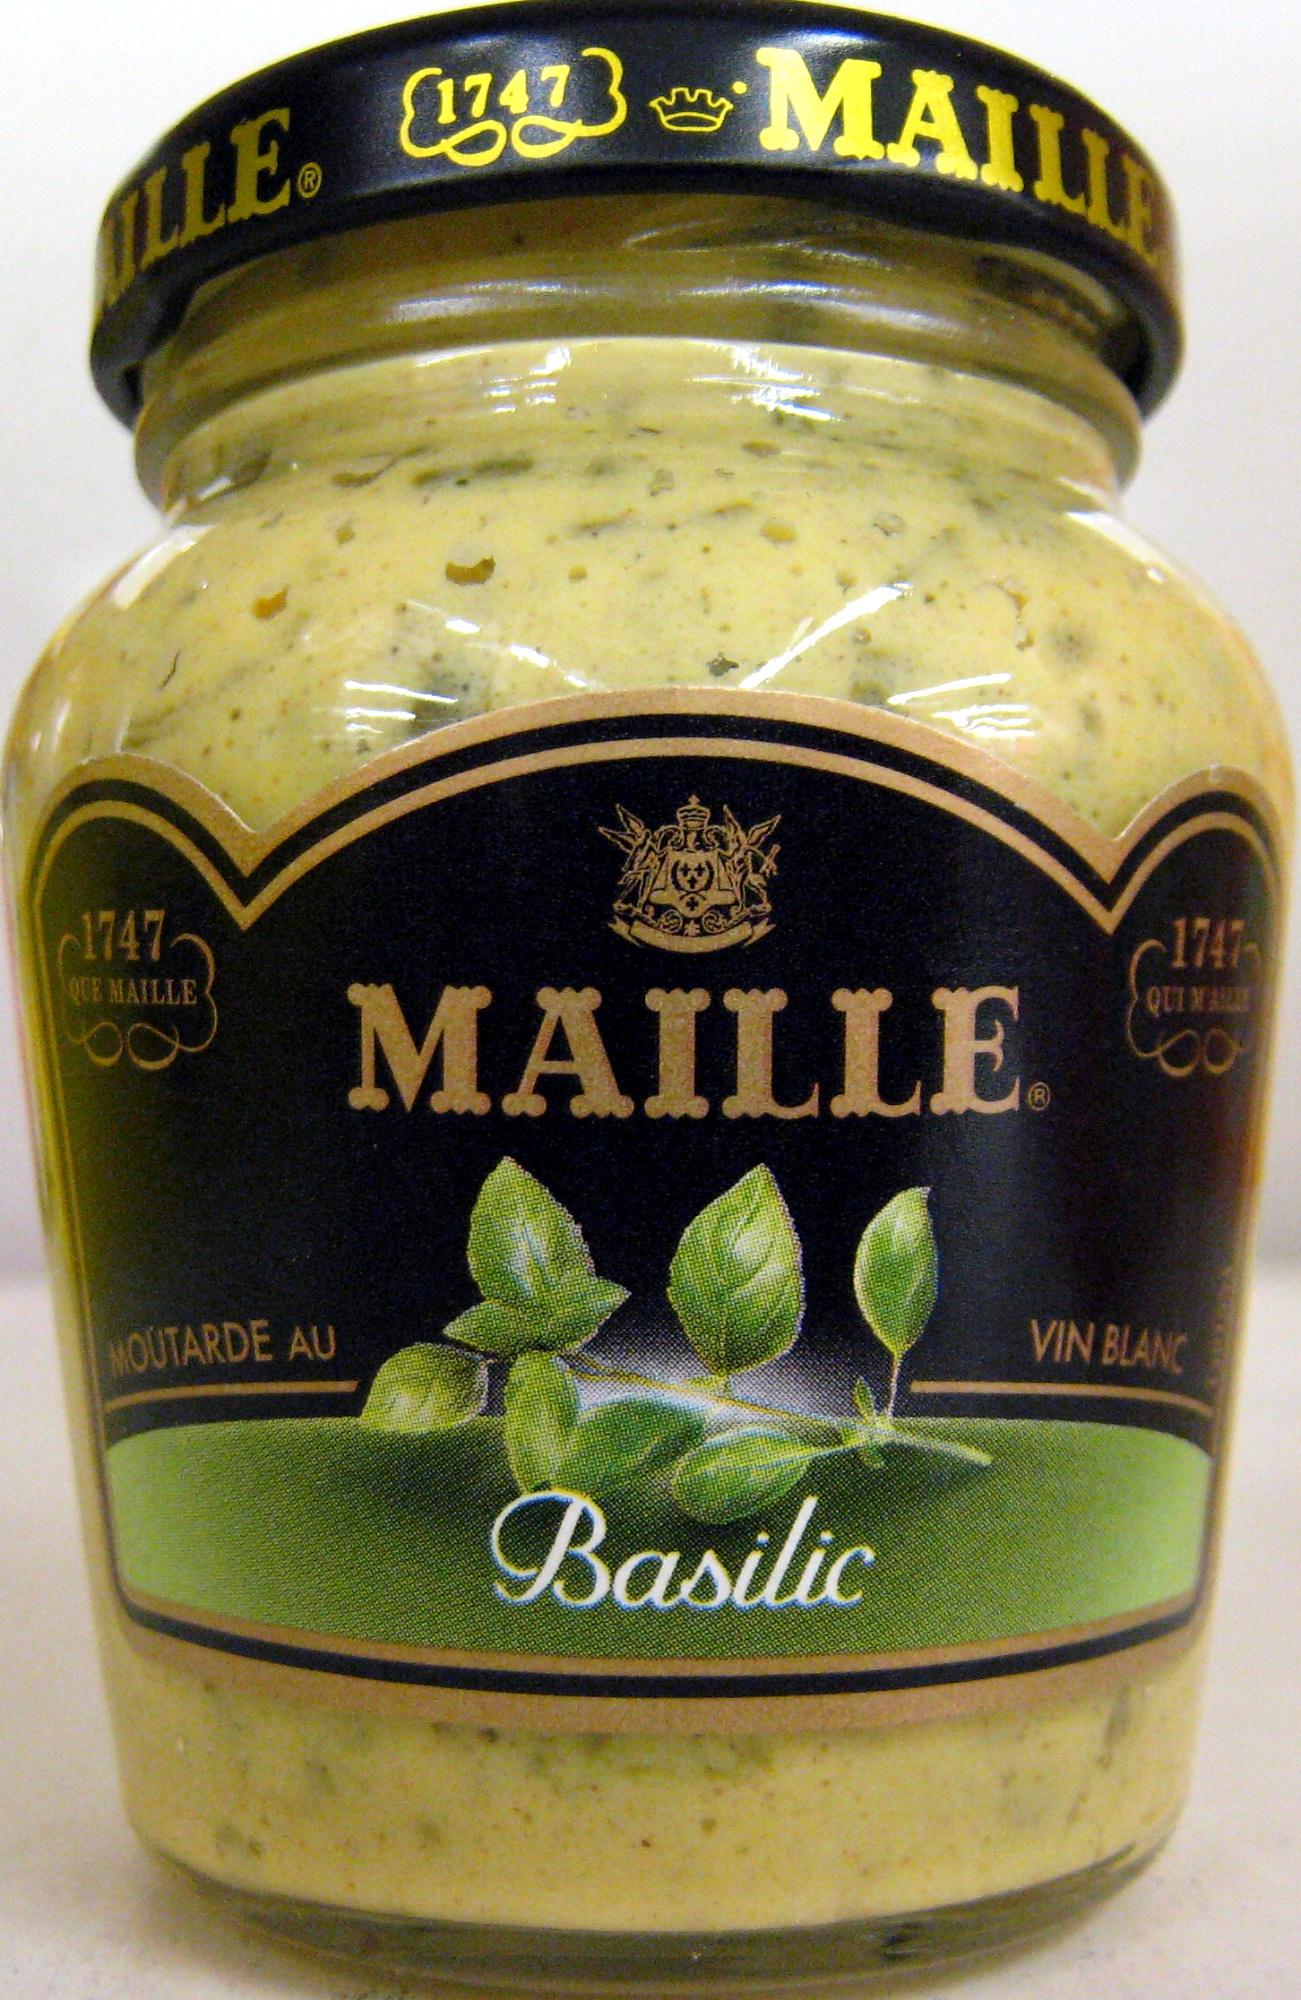 moutarde au vin blanc au basilic maille 108 g. Black Bedroom Furniture Sets. Home Design Ideas